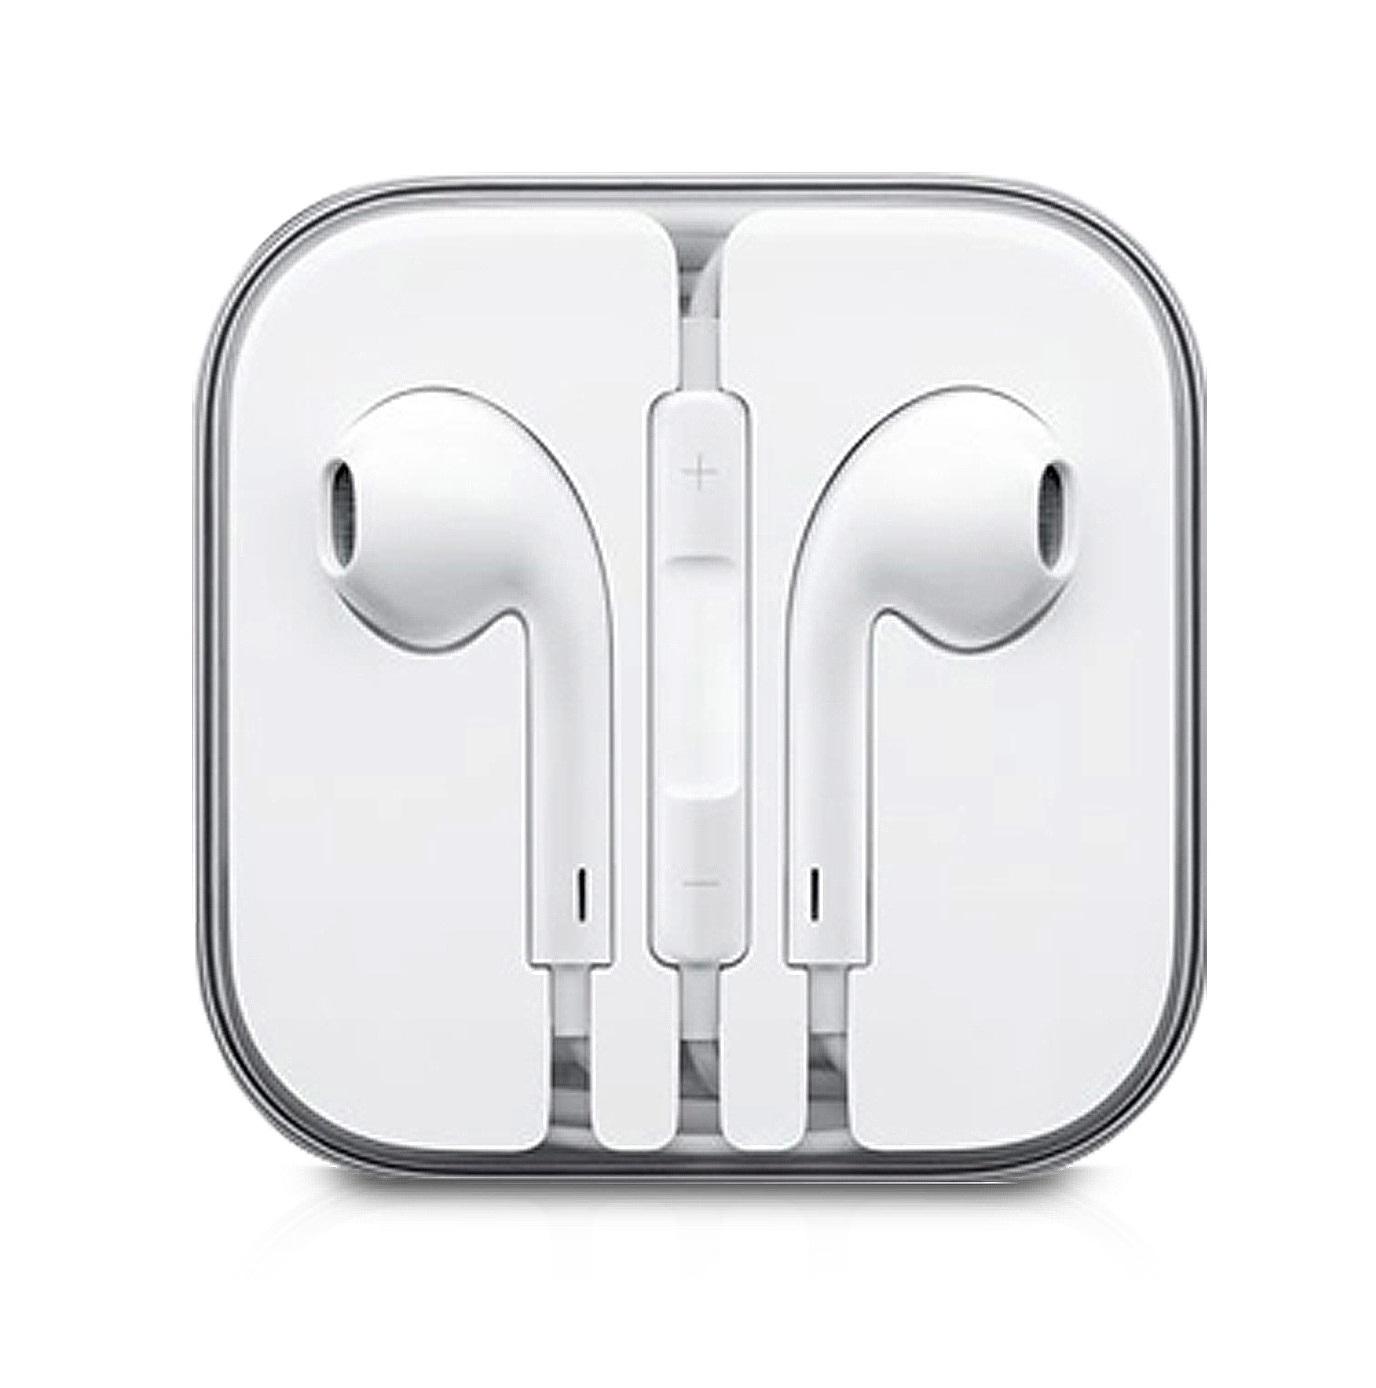 Tai nghe Apple MD827FE/A (Trắng) - Chính hãng